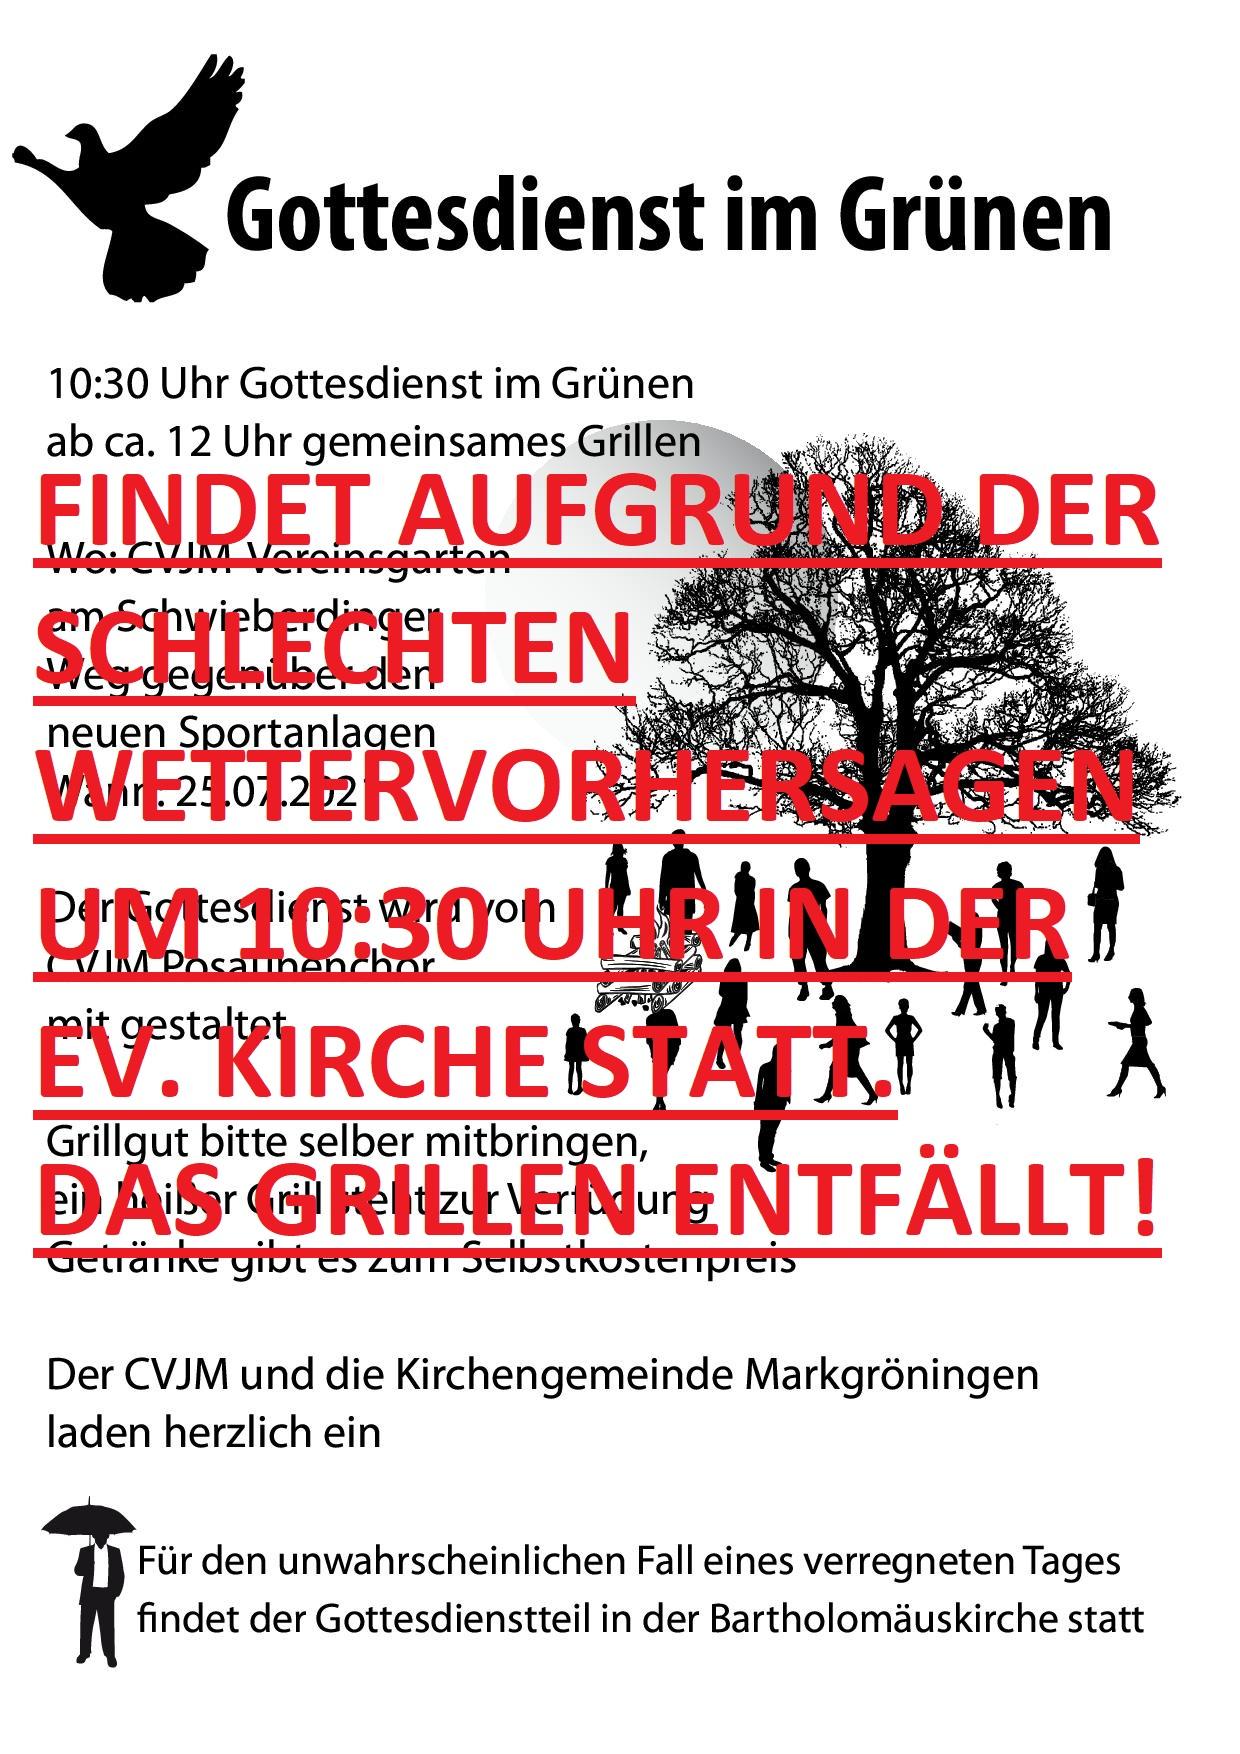 Einladung-CVJM-Garten-GODIimGruenen-2021_ABSAGE